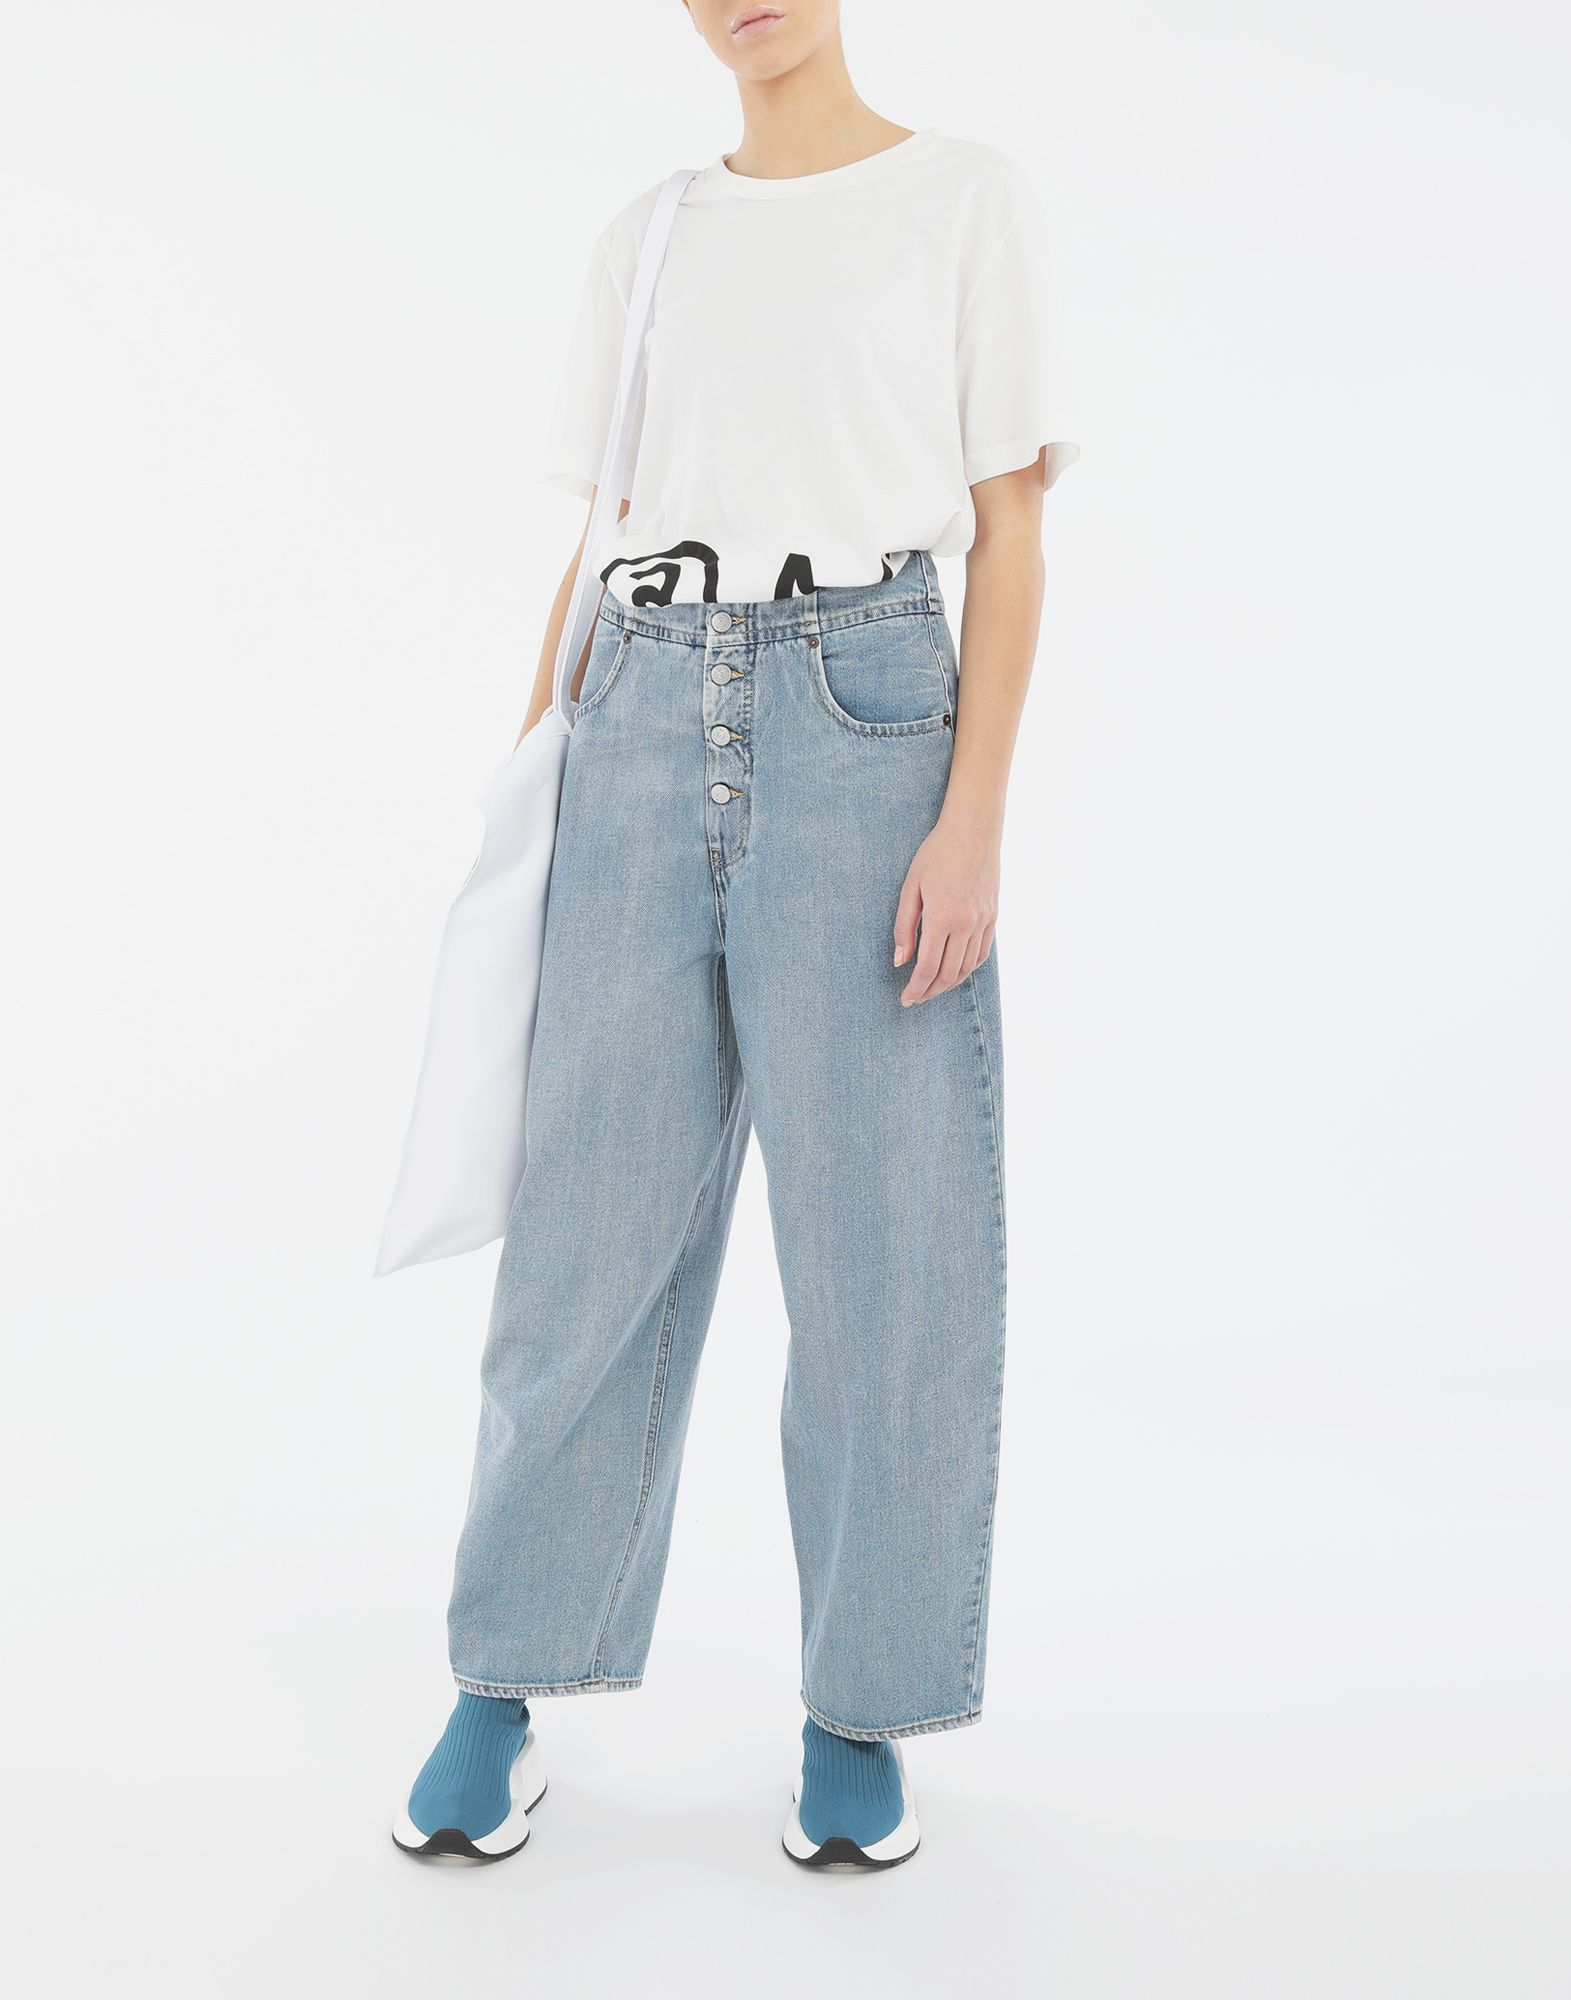 MM6 MAISON MARGIELA Cocoon jeans Jeans Woman d